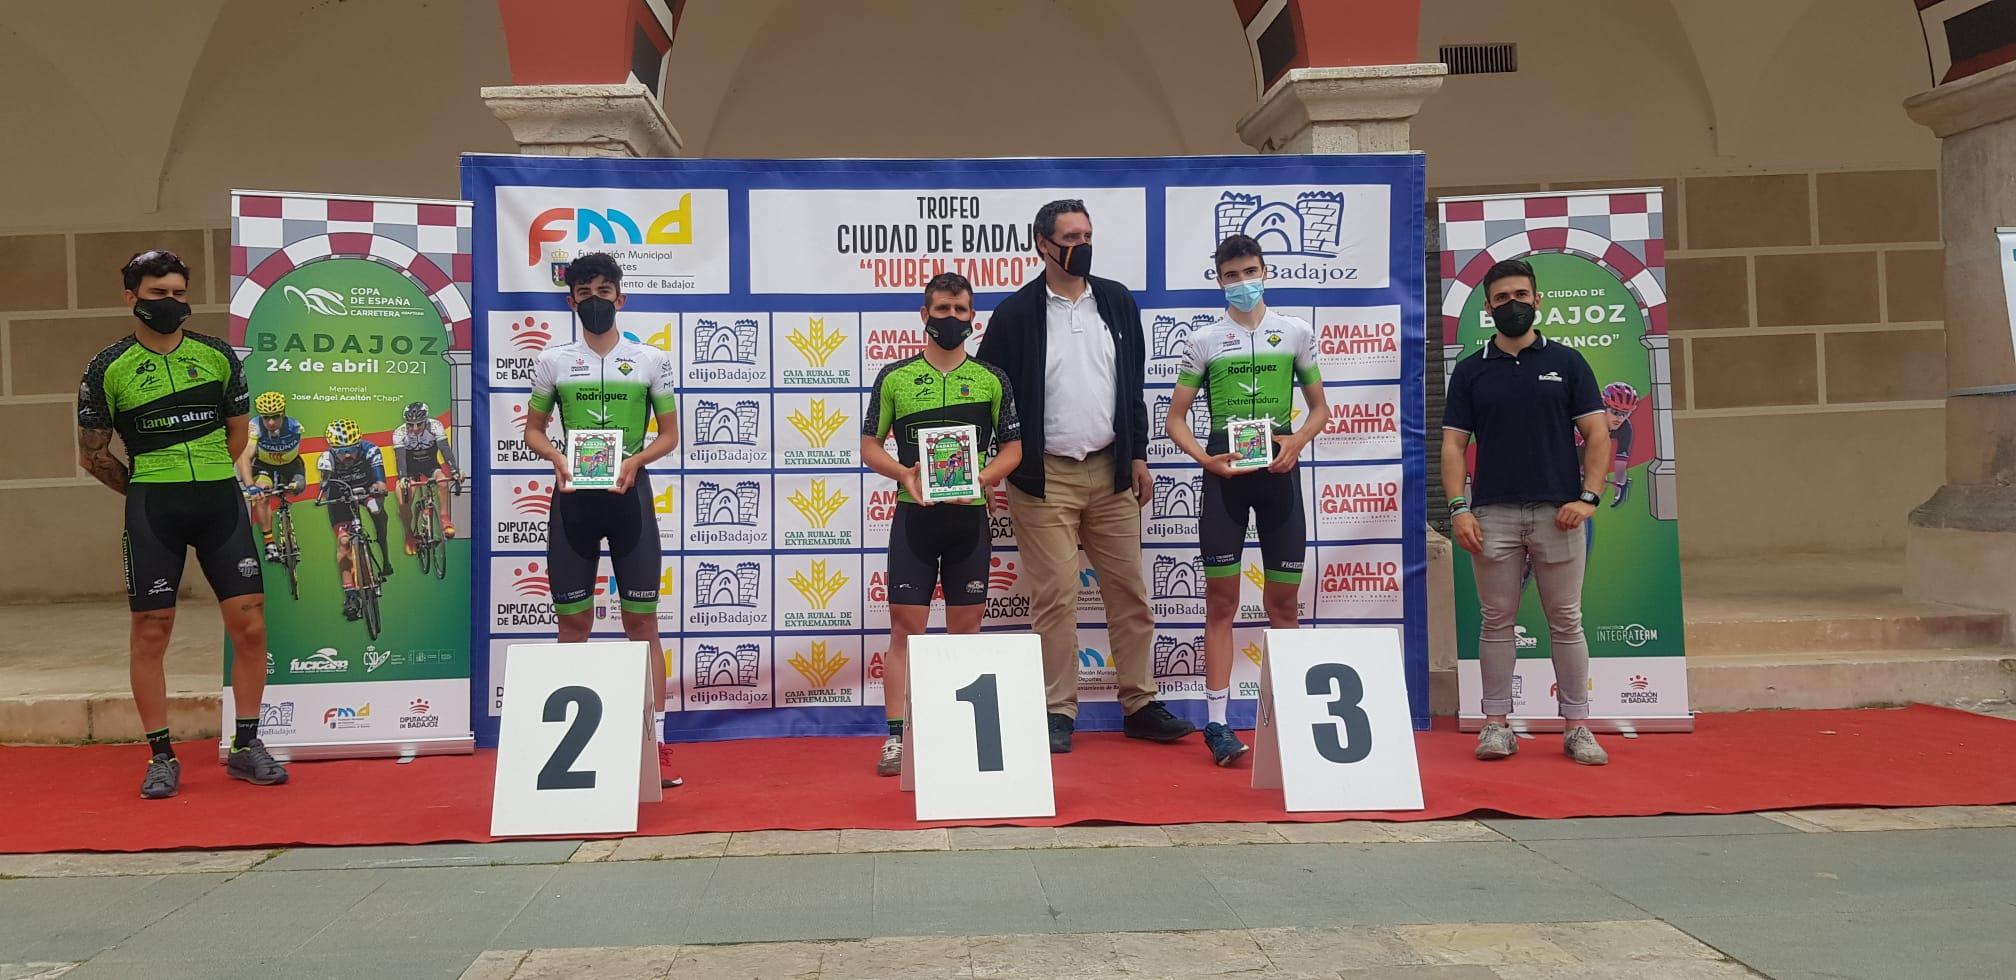 Podium Trofeo Ciudad de Badajoz